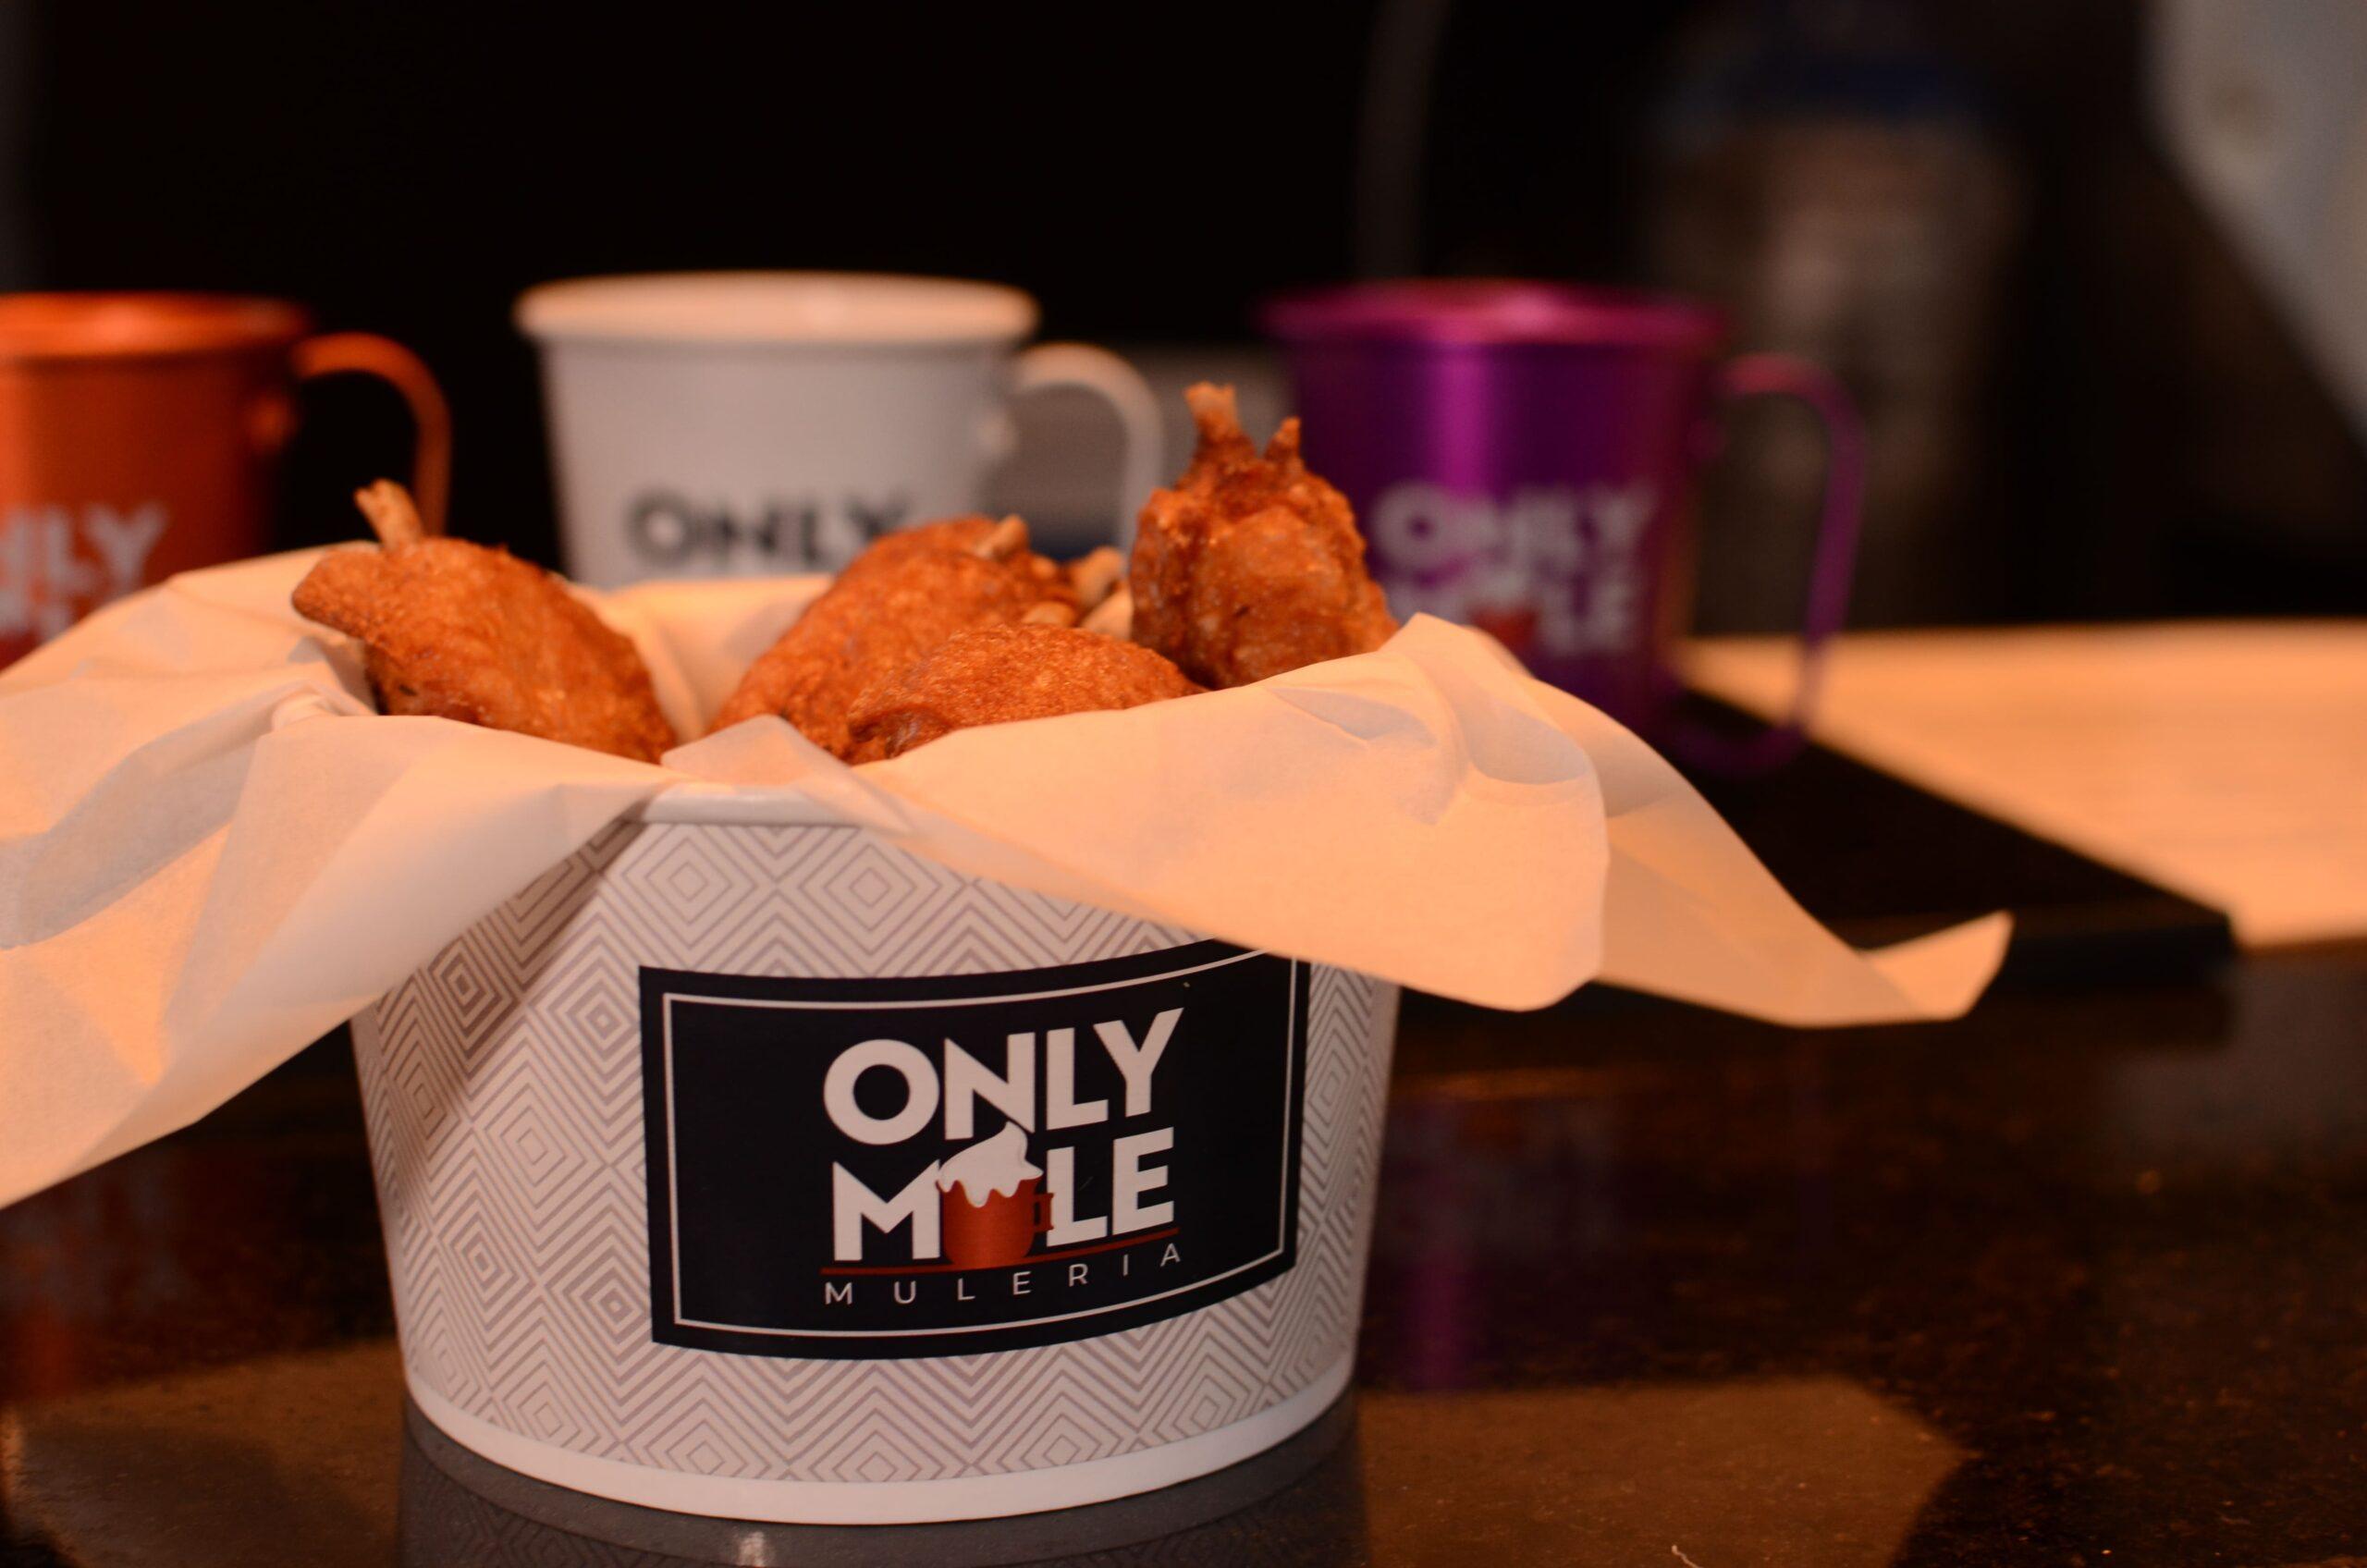 Imagem de um baldinho com a marca Only Mule cheio de aperitivos.